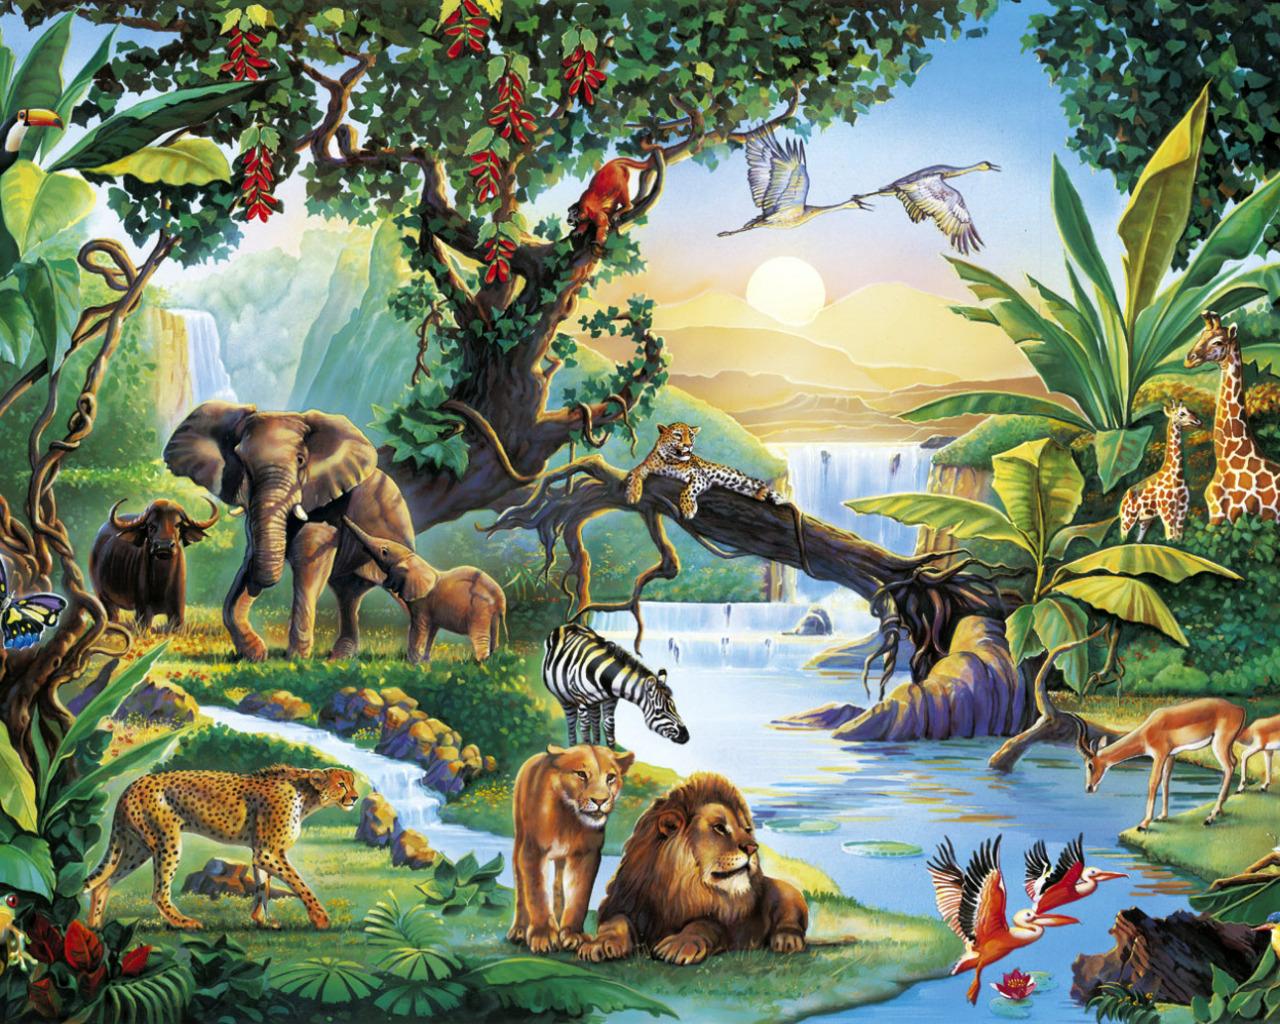 تصنيف الحيوانات حسب تنوع الغذاء الذي